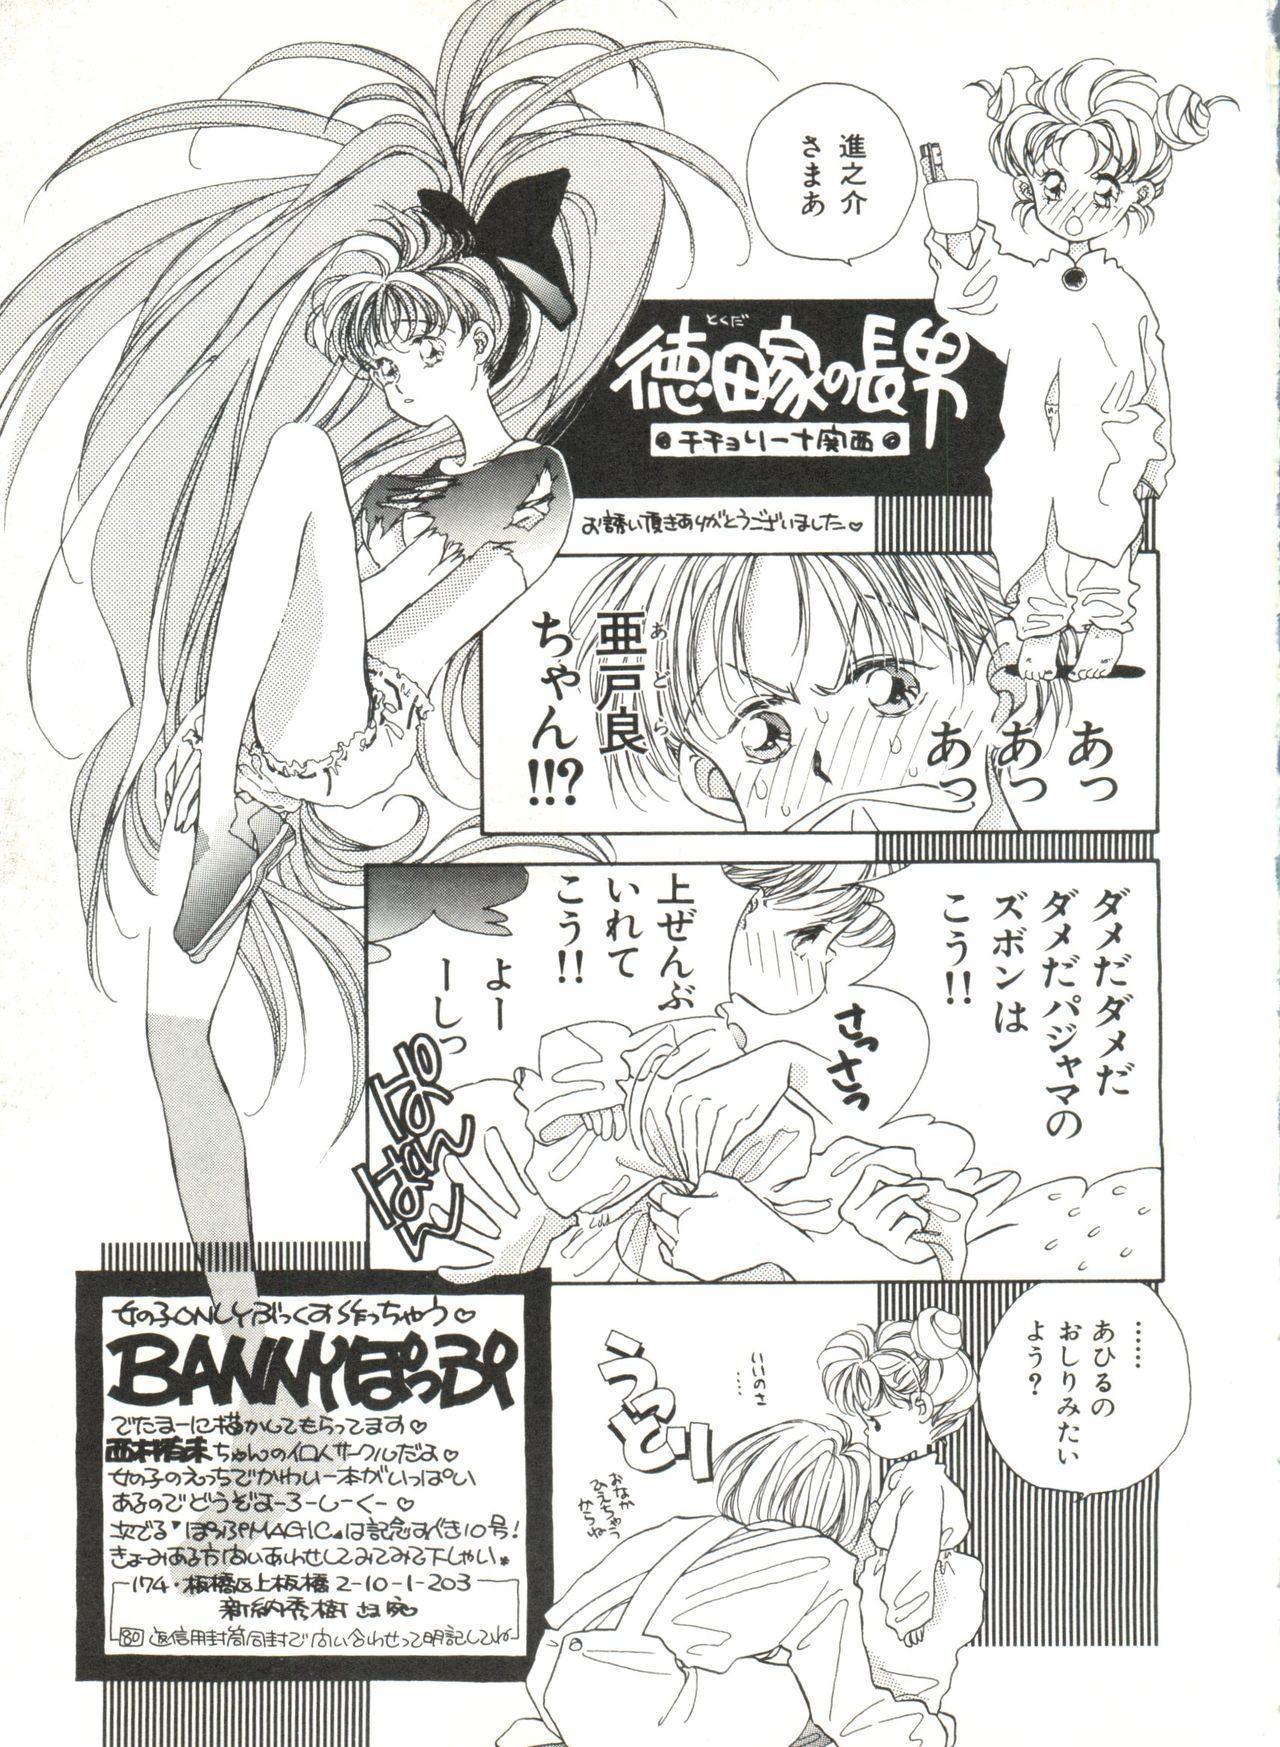 Bishoujo Doujinshi Anthology 6 16